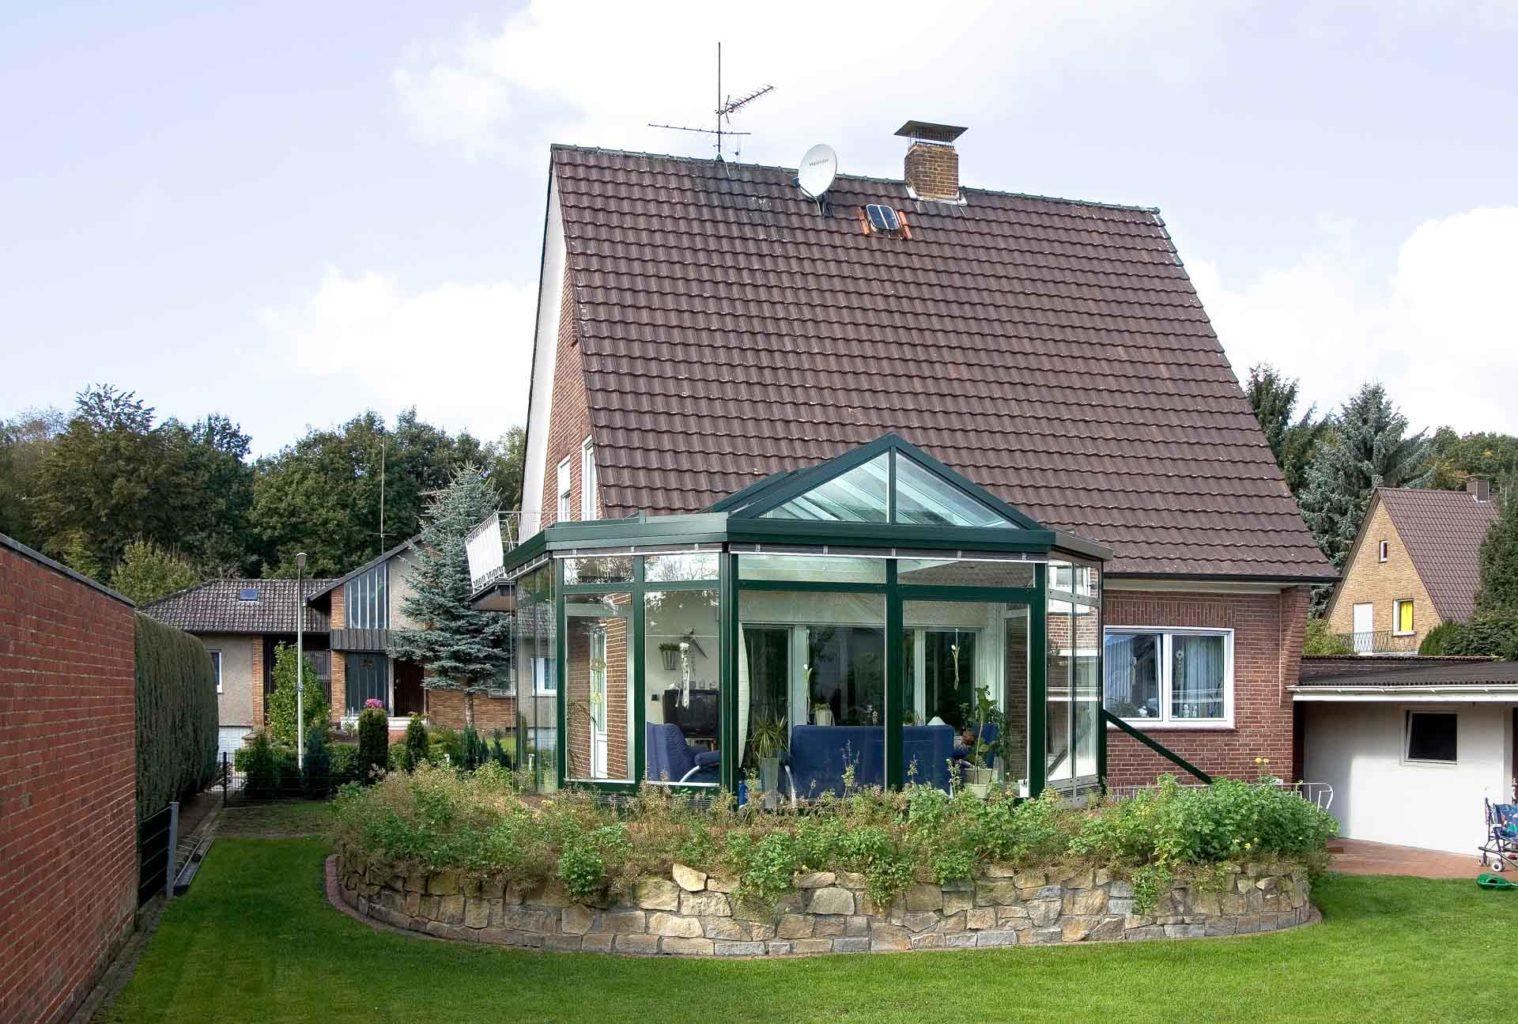 Wintergarten in Borken (Objekt 964).